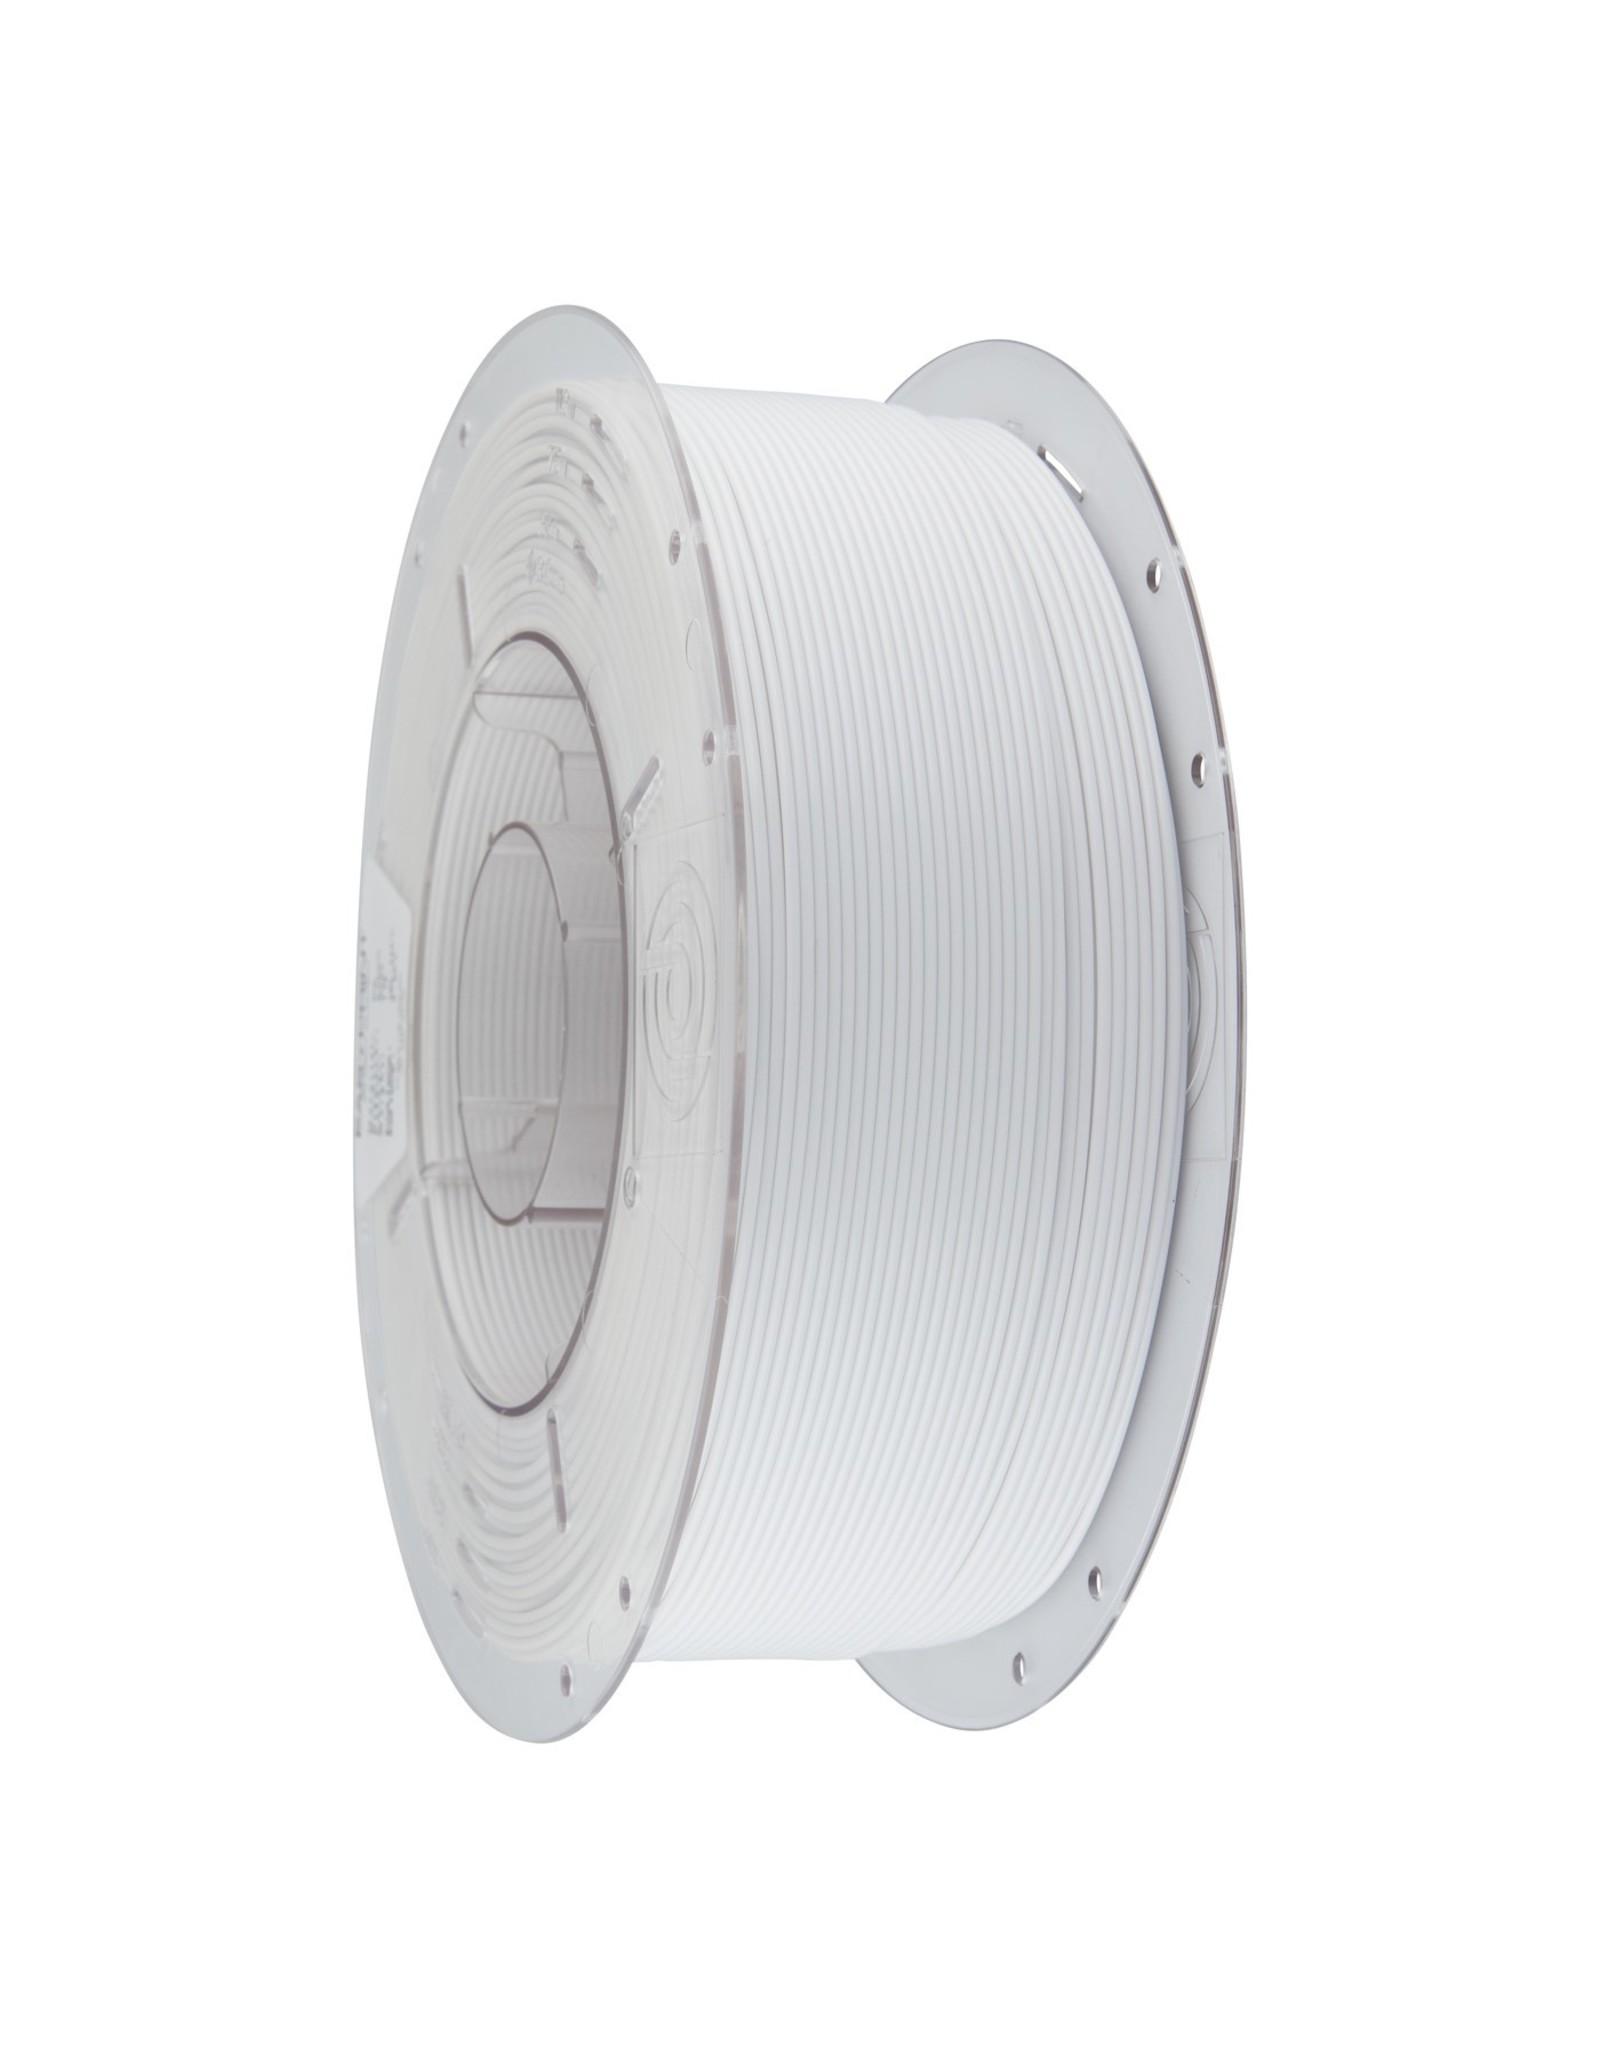 Prima Prima Easyprint PLA 1.75mm 1kg White